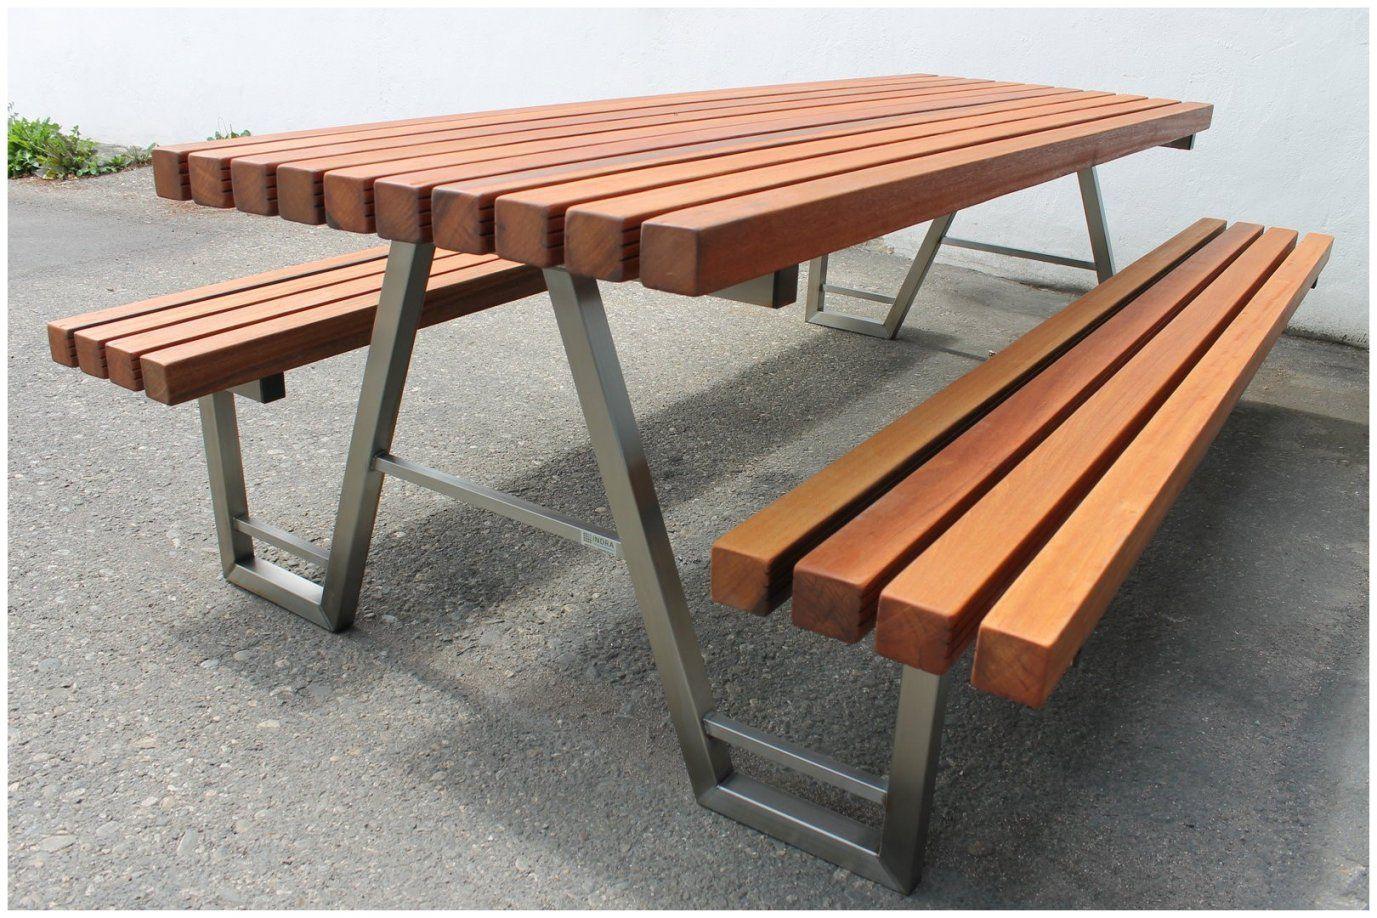 Frisch Bank Tisch Kombination Bilder Von Tisch Dekoration 85978 von Tisch Bank Kombination Selber Bauen Bild